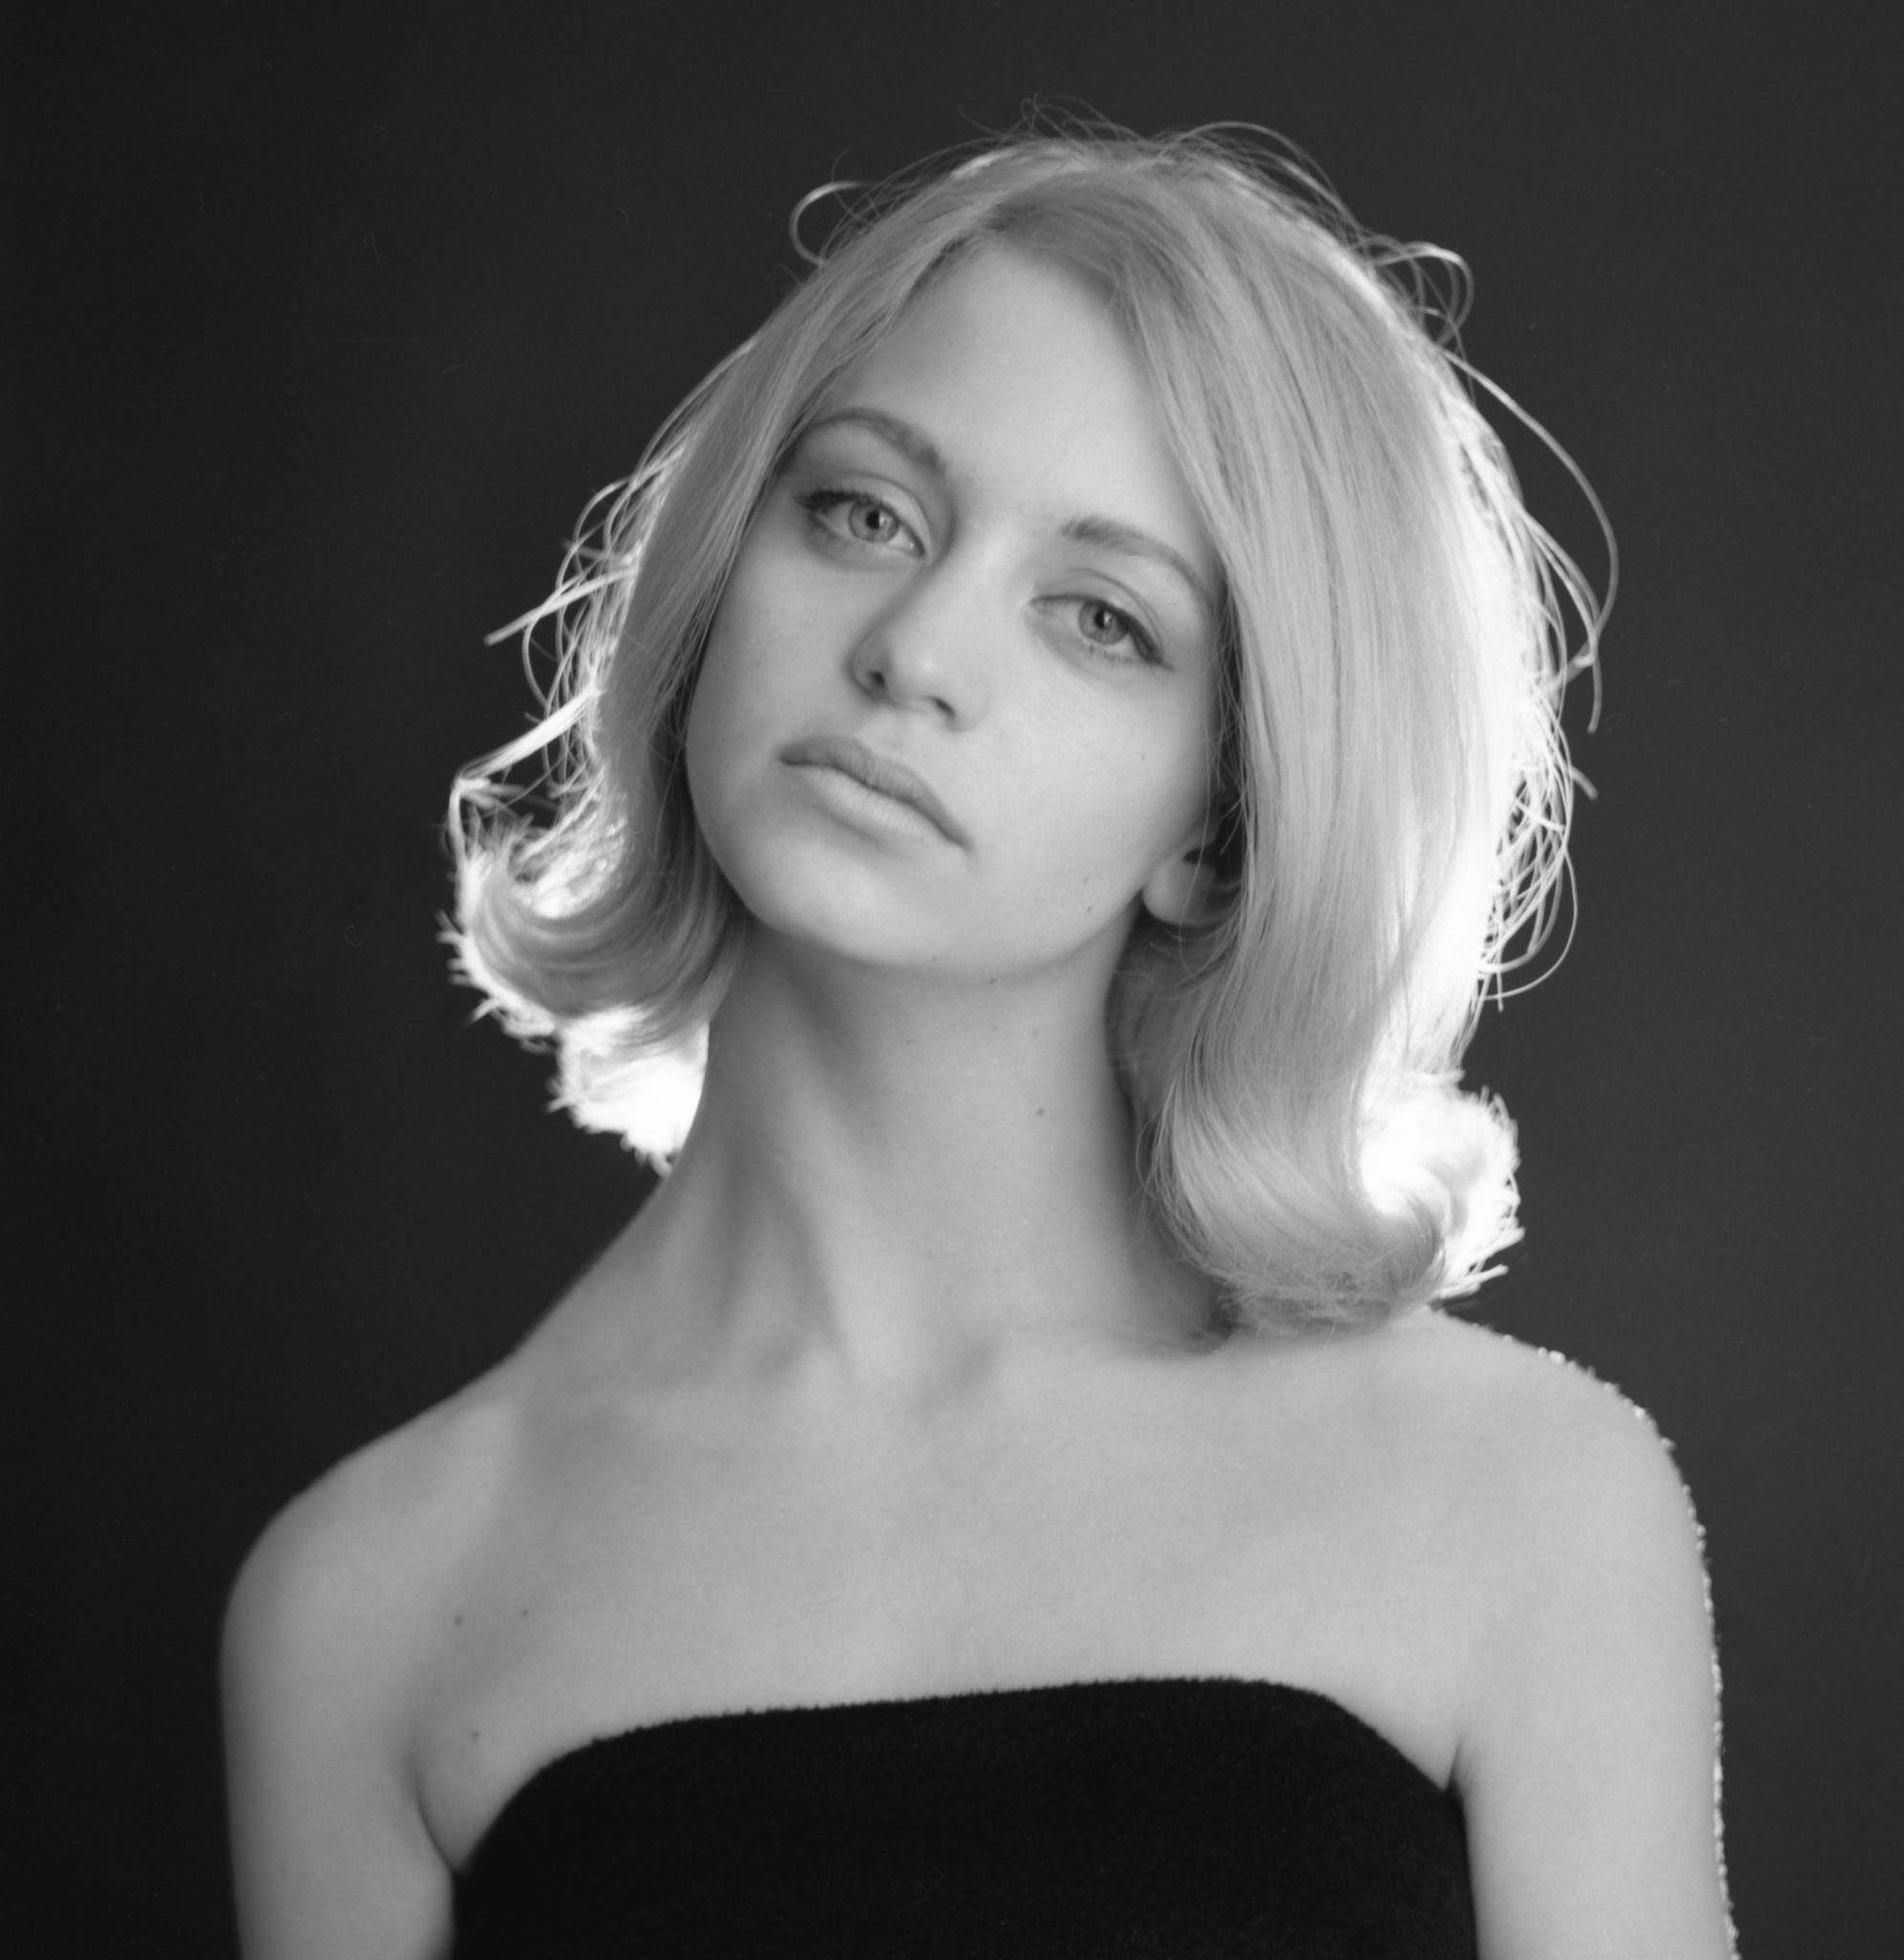 goldie hawn - photo #7